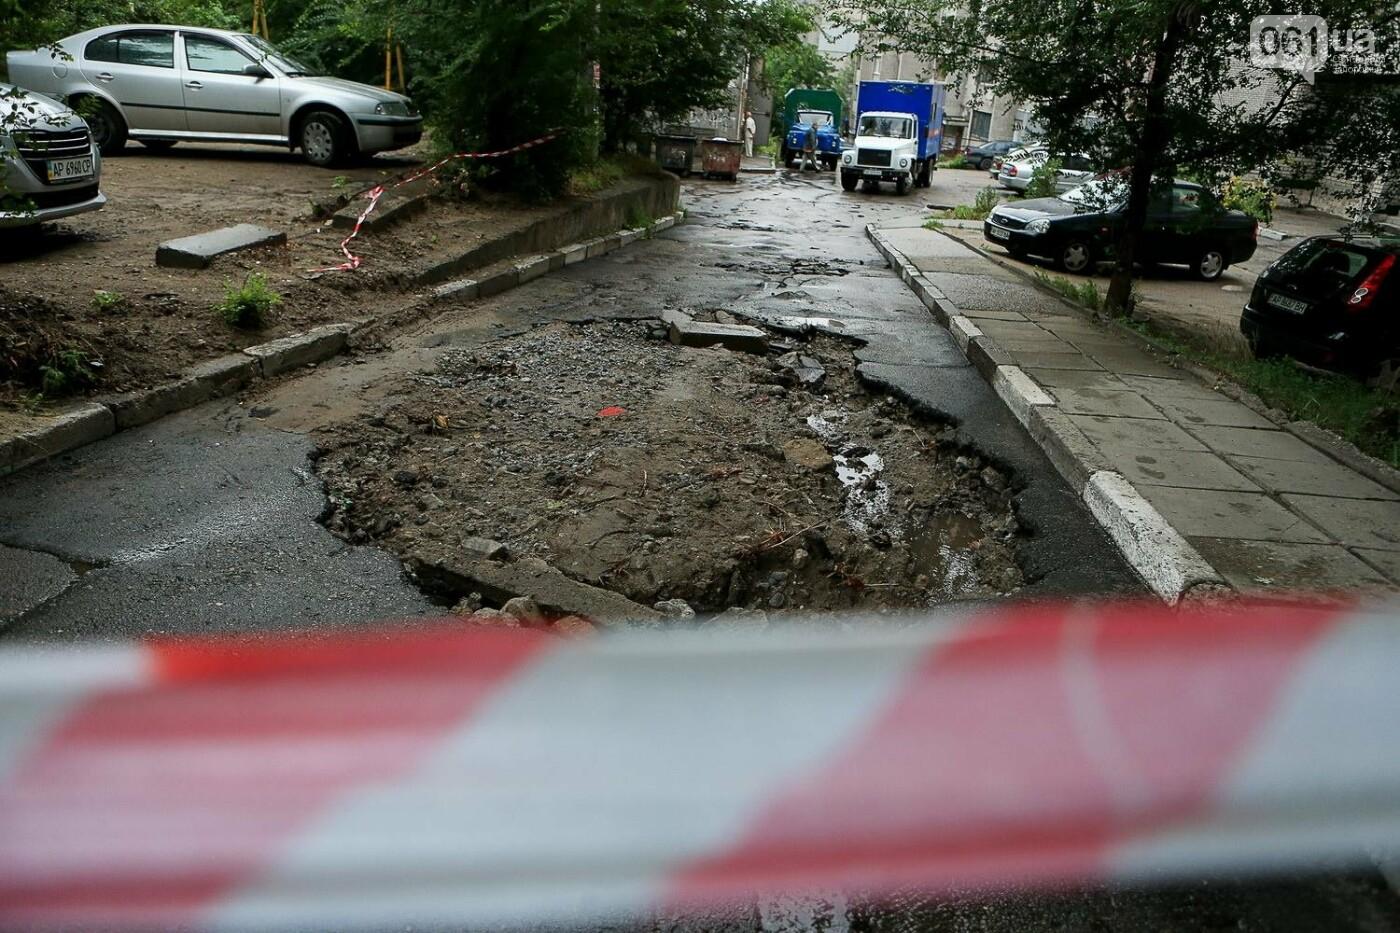 В Запорожье после ливней разрушены дороги: почему это произошло и за чей счет отремонтируют, - ФОТОРЕПОРТАЖ, фото-7